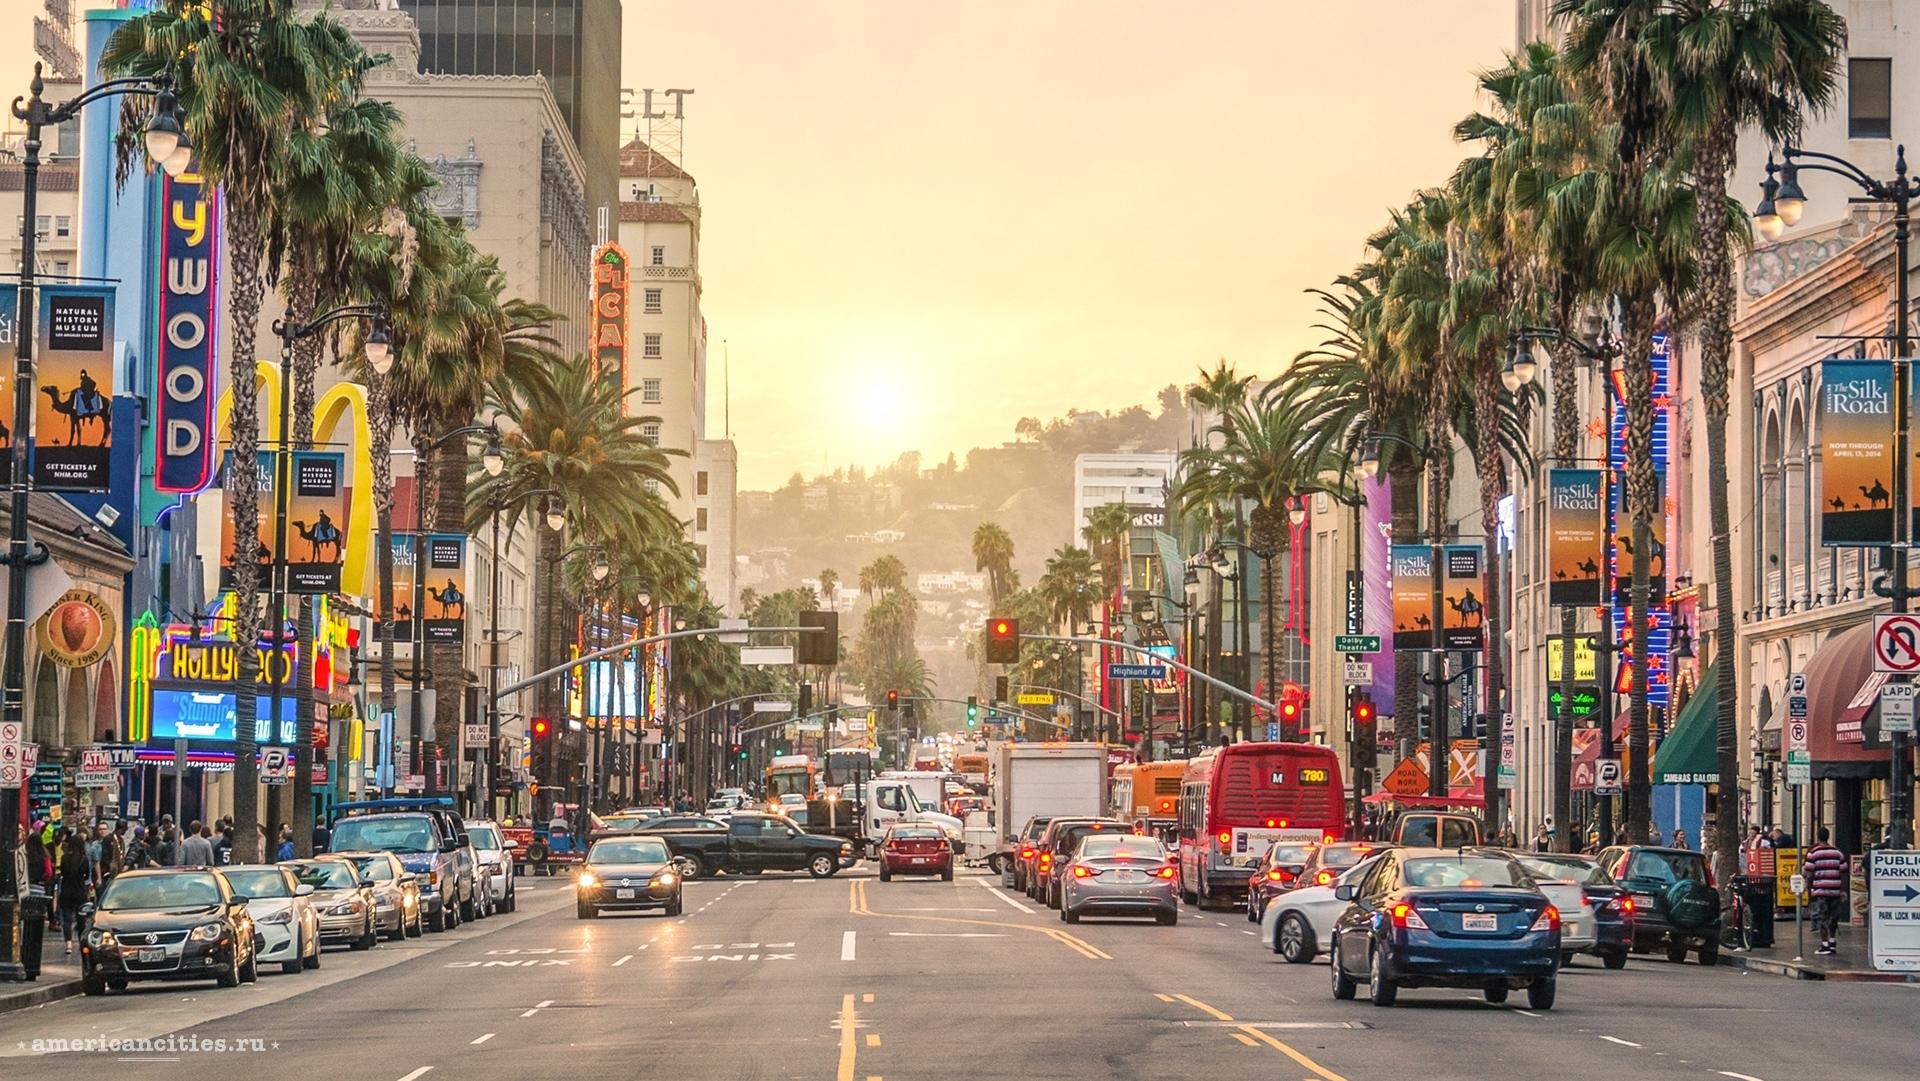 Интервью с эмигрантом из Вологды в  Лос Анджелес